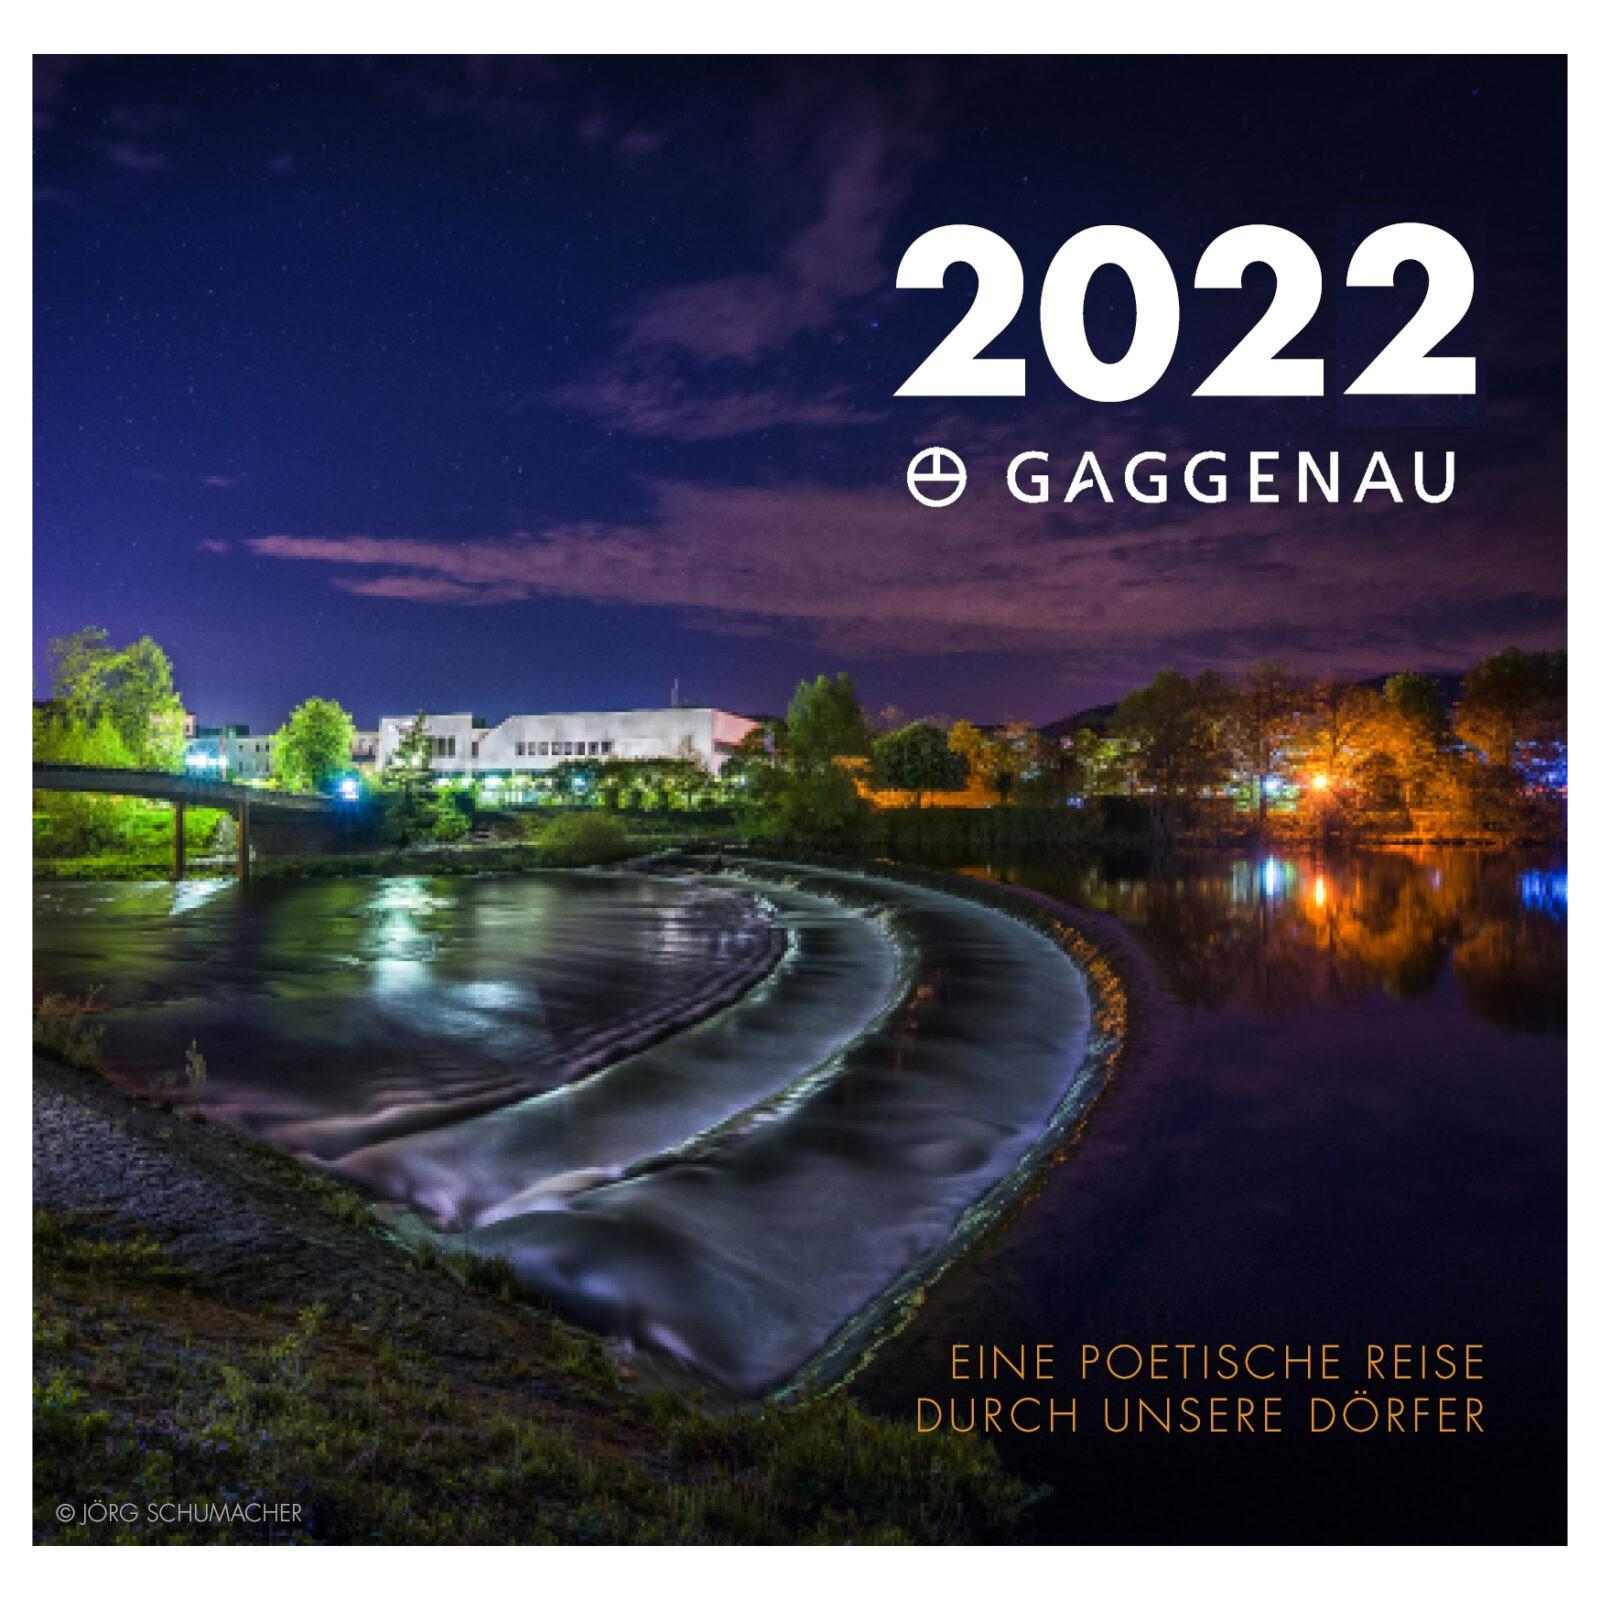 tischkalender2022-gaggenau-titel